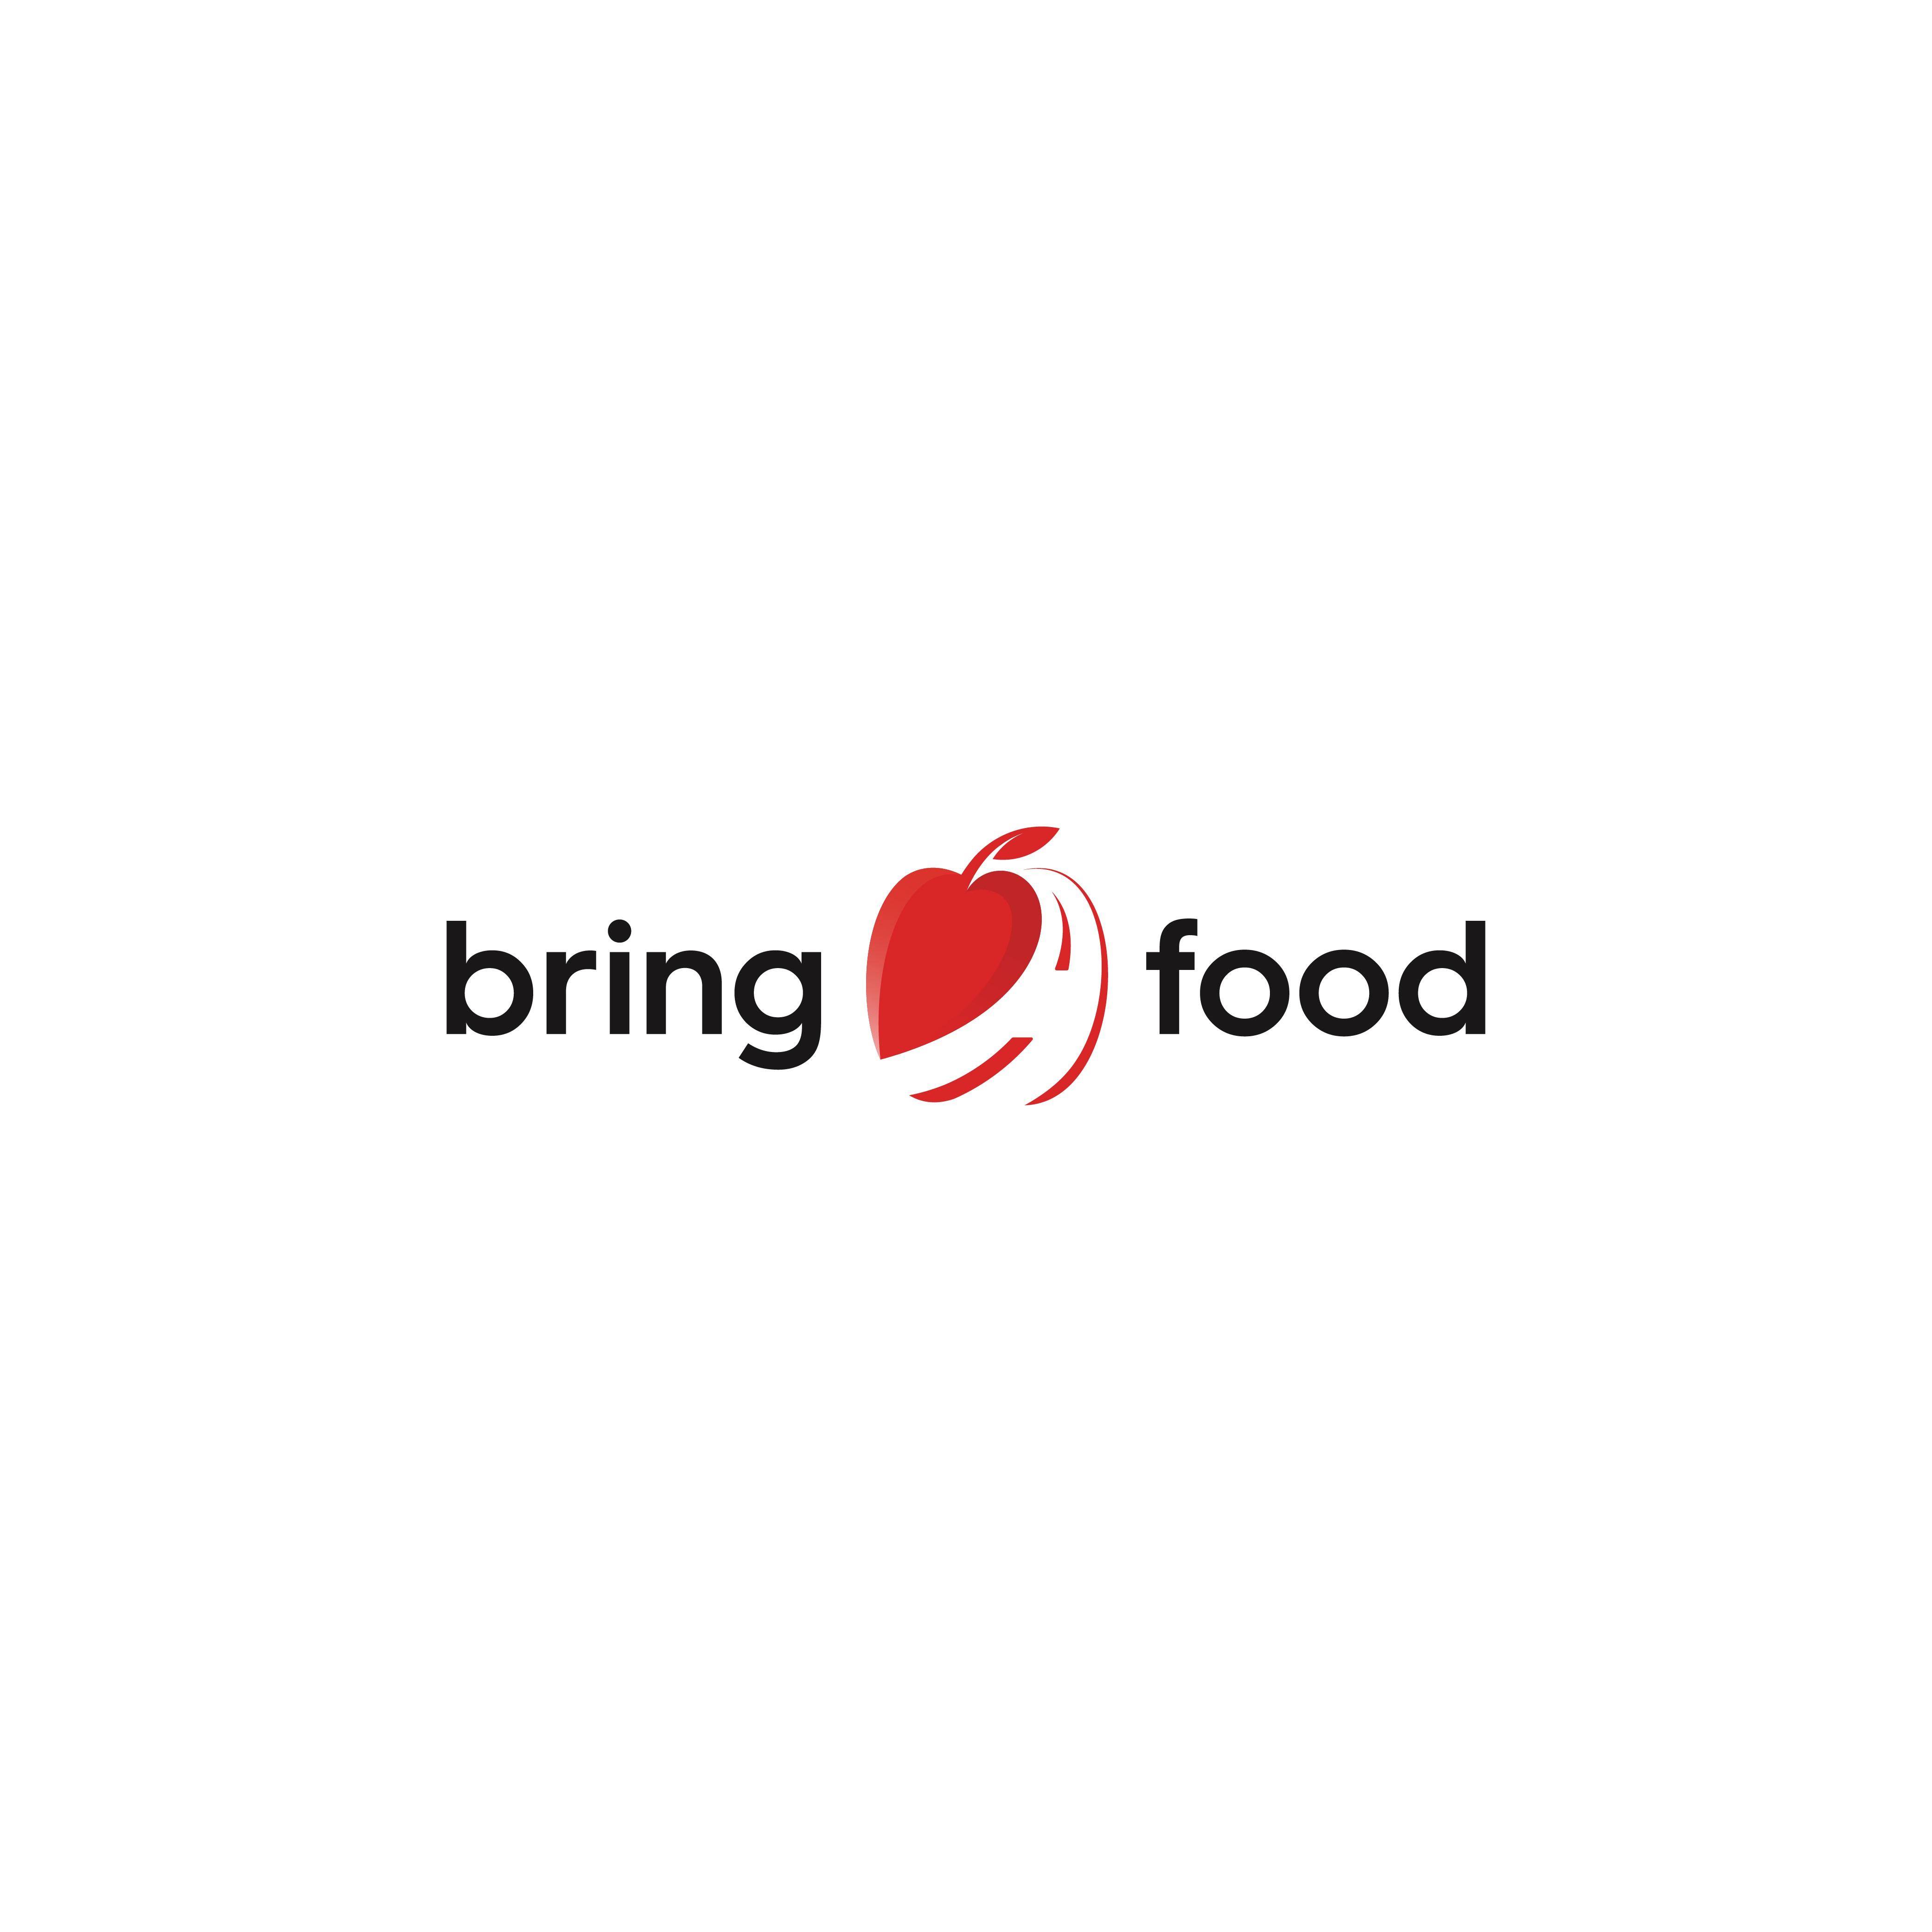 Bring Food